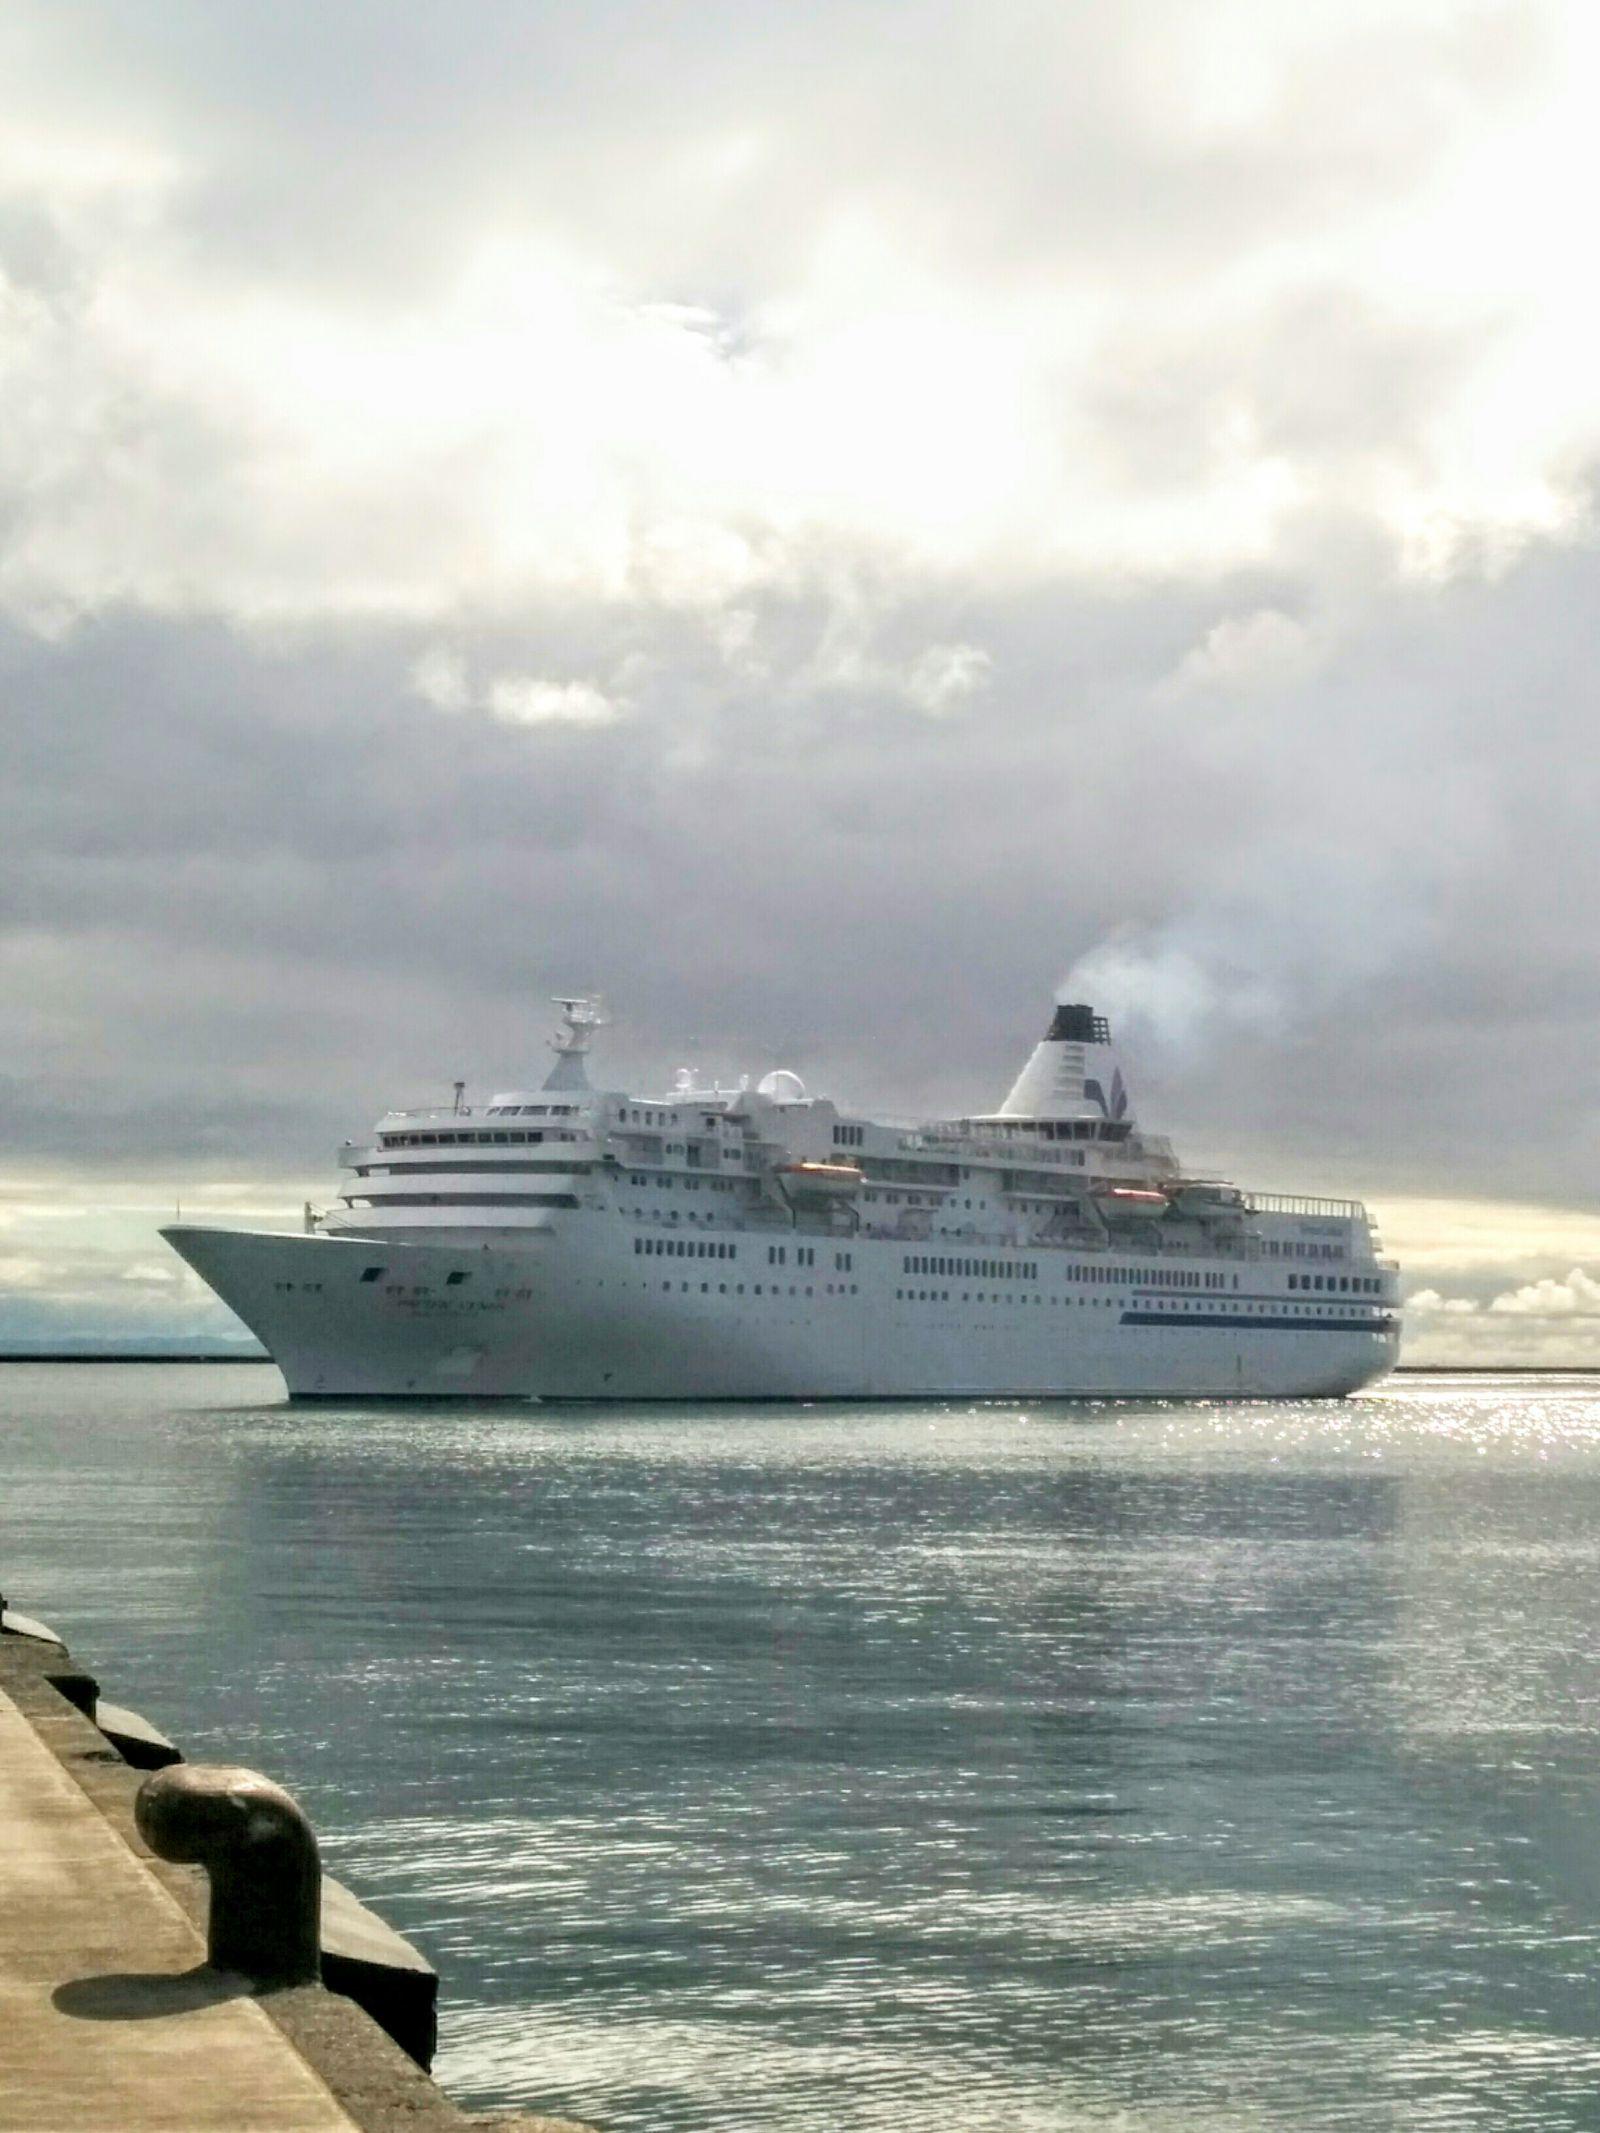 【小樽市】小樽港観光クルーズ船「ぱしふぃっくびいなす」観光案内です。